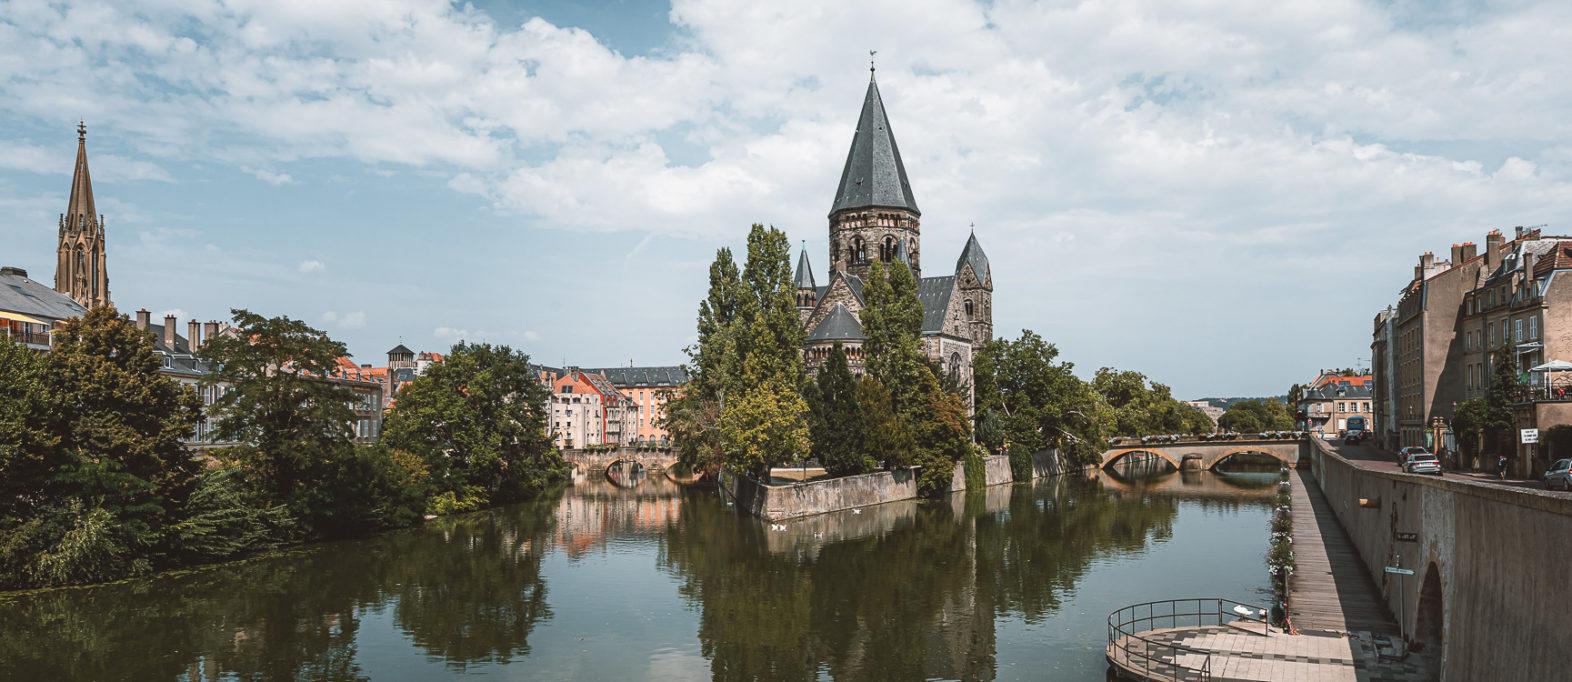 Metz Sehenswürdigkeiten Temple Neuf